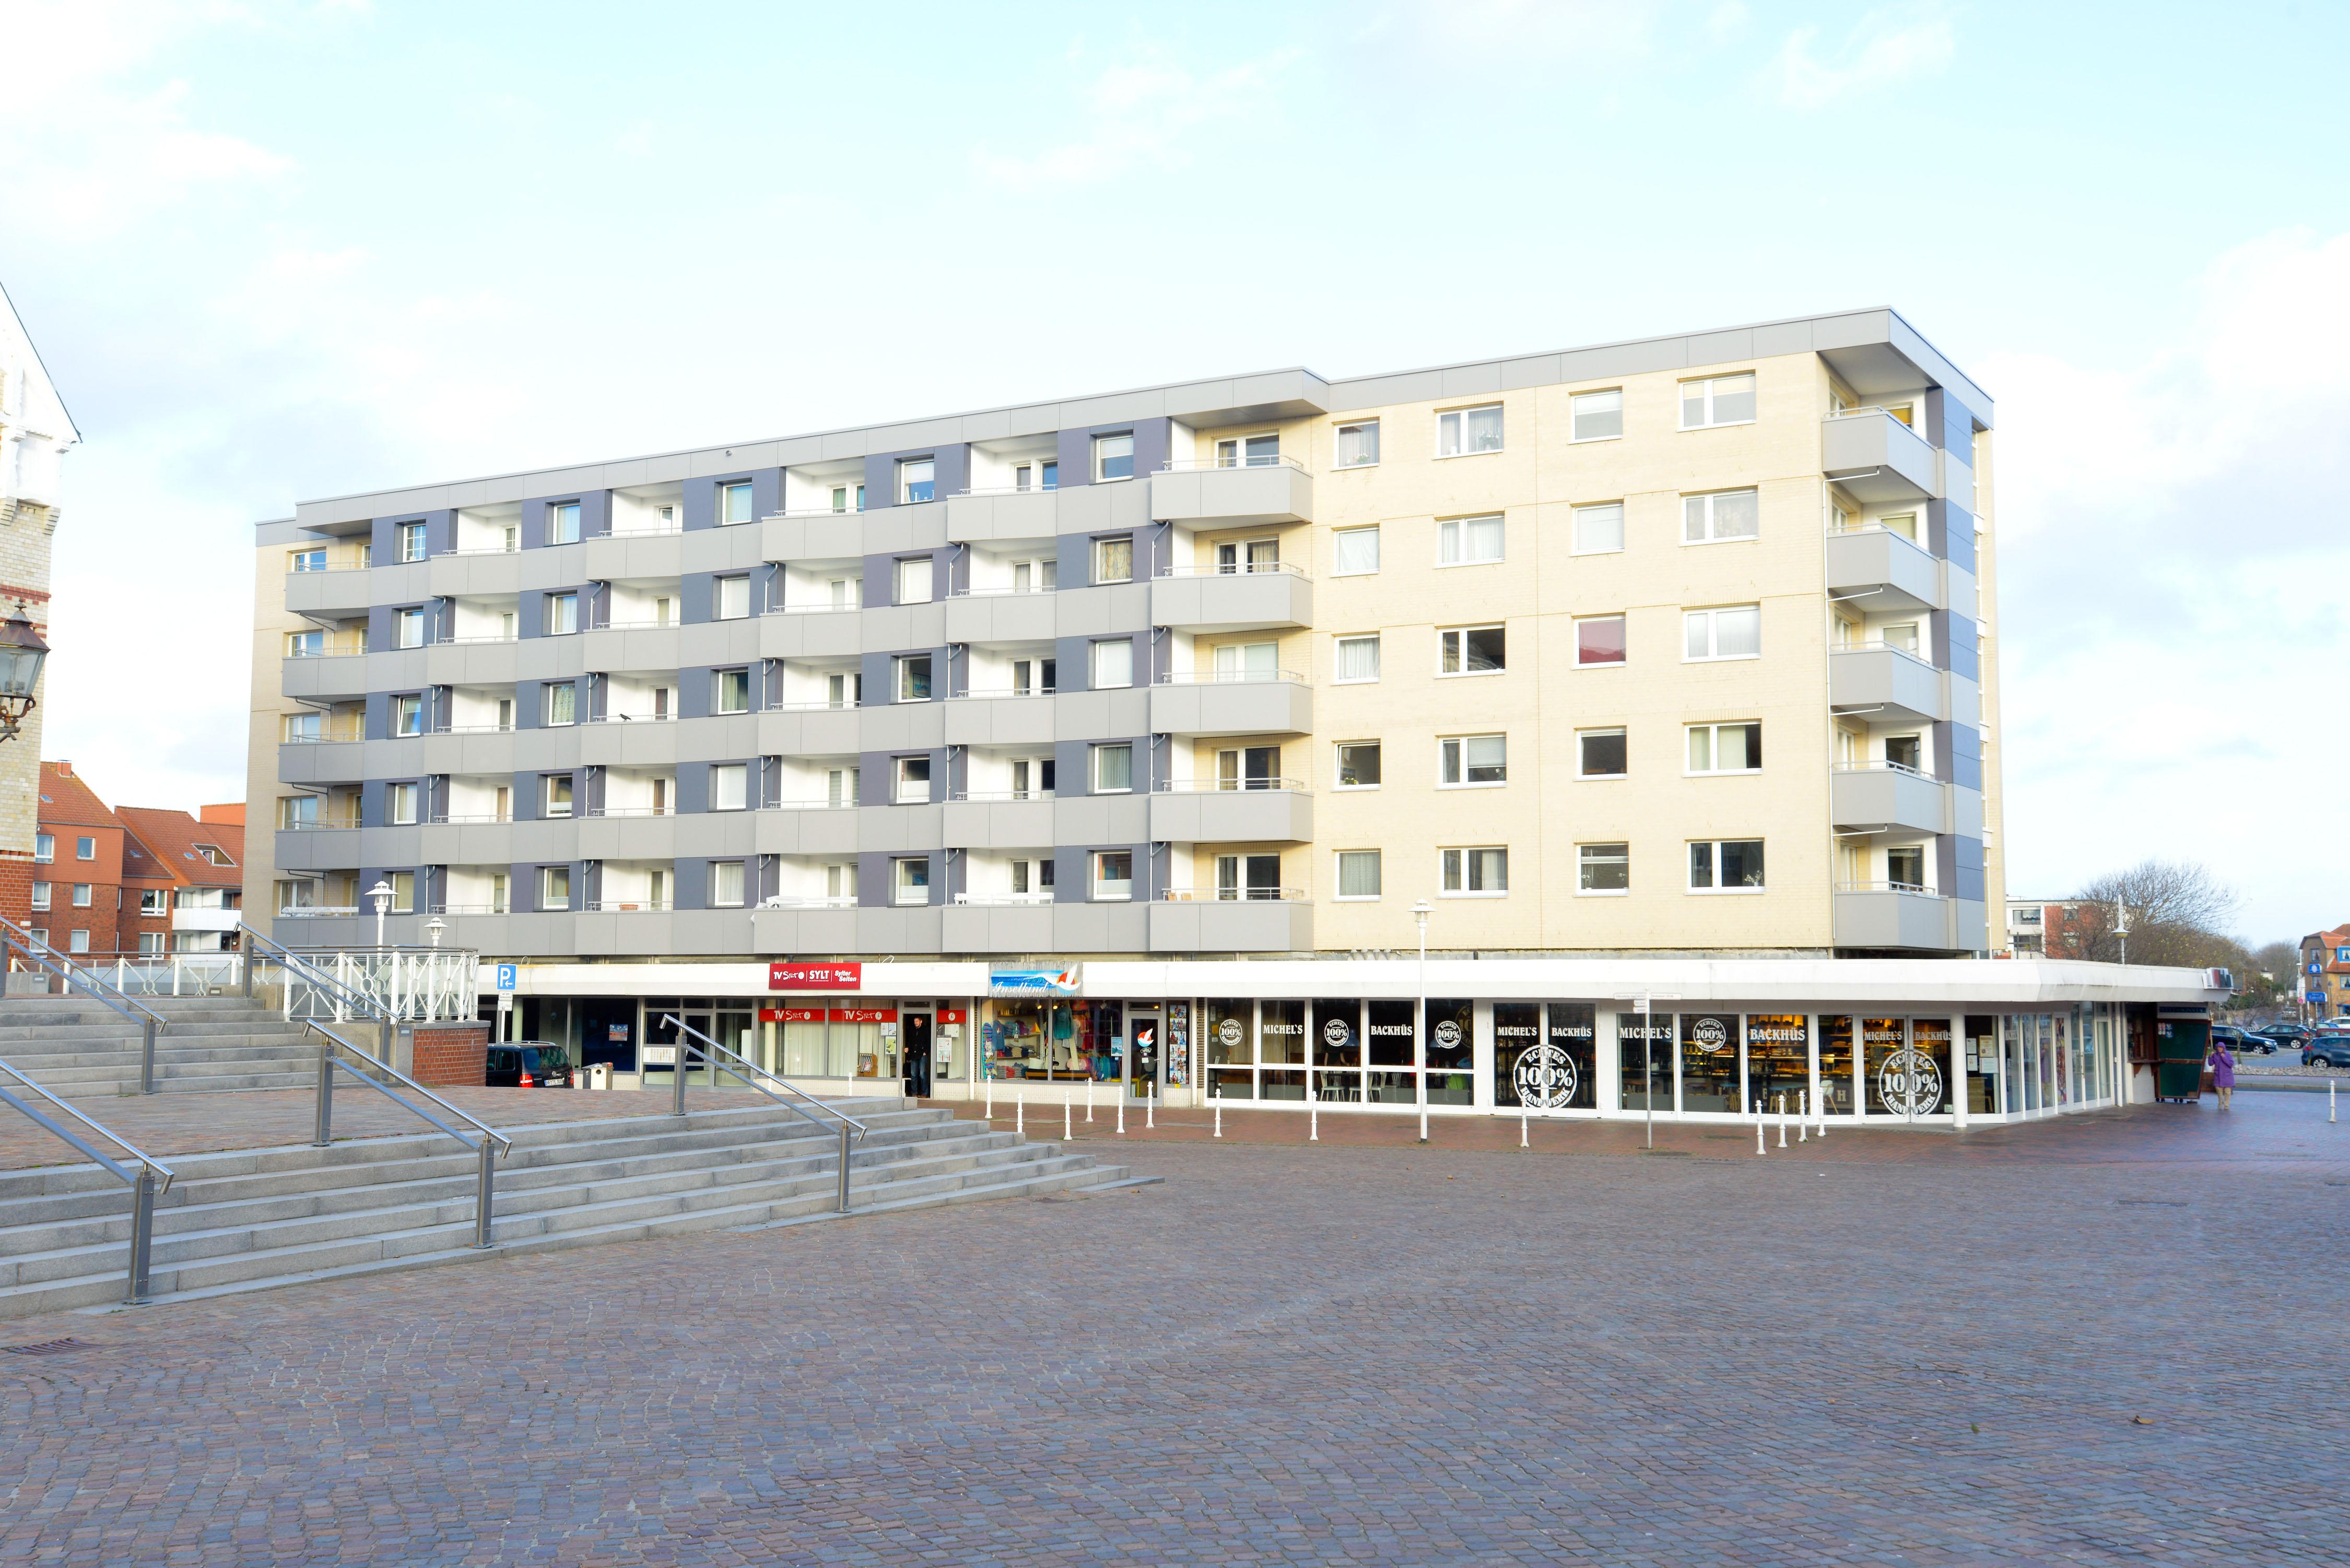 Haus Ankerlicht Stephanstr 8 Westerland 1 Etage